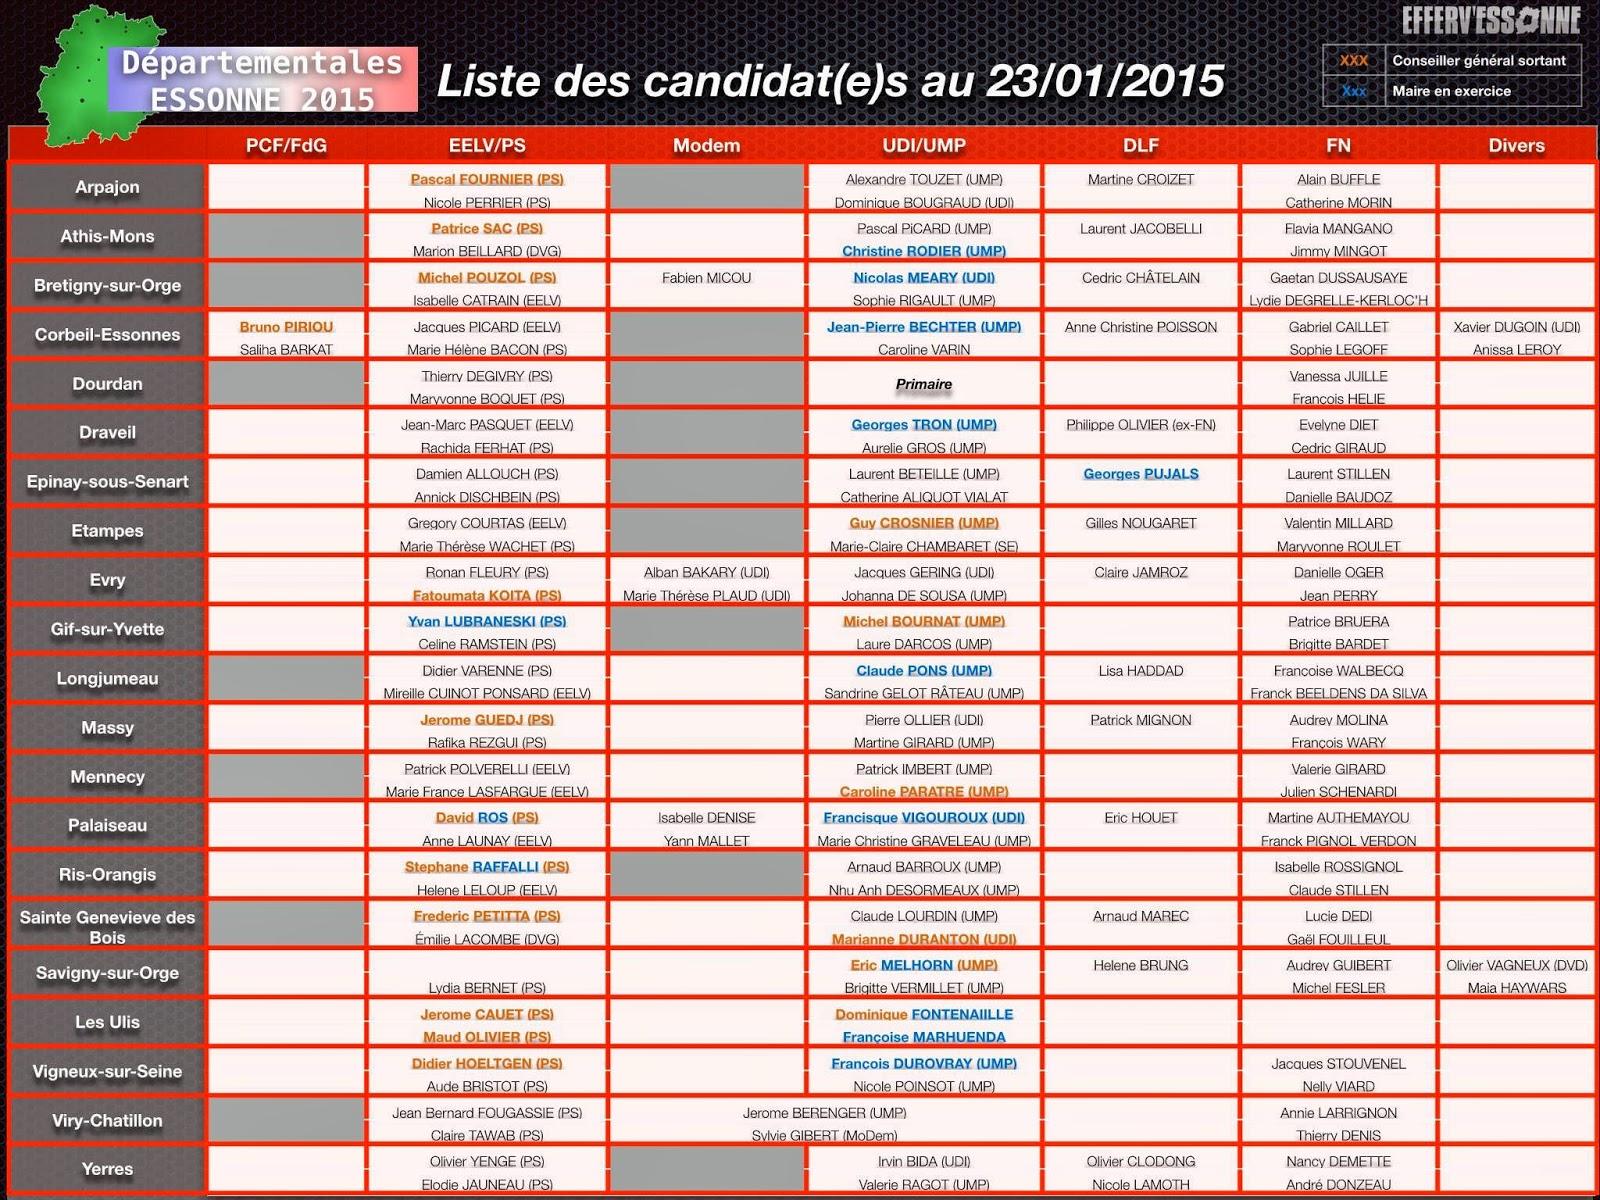 Elections départementales 2015 dans l'Essonne 10911273_844170828978396_2987688660427670496_o%2B(1)